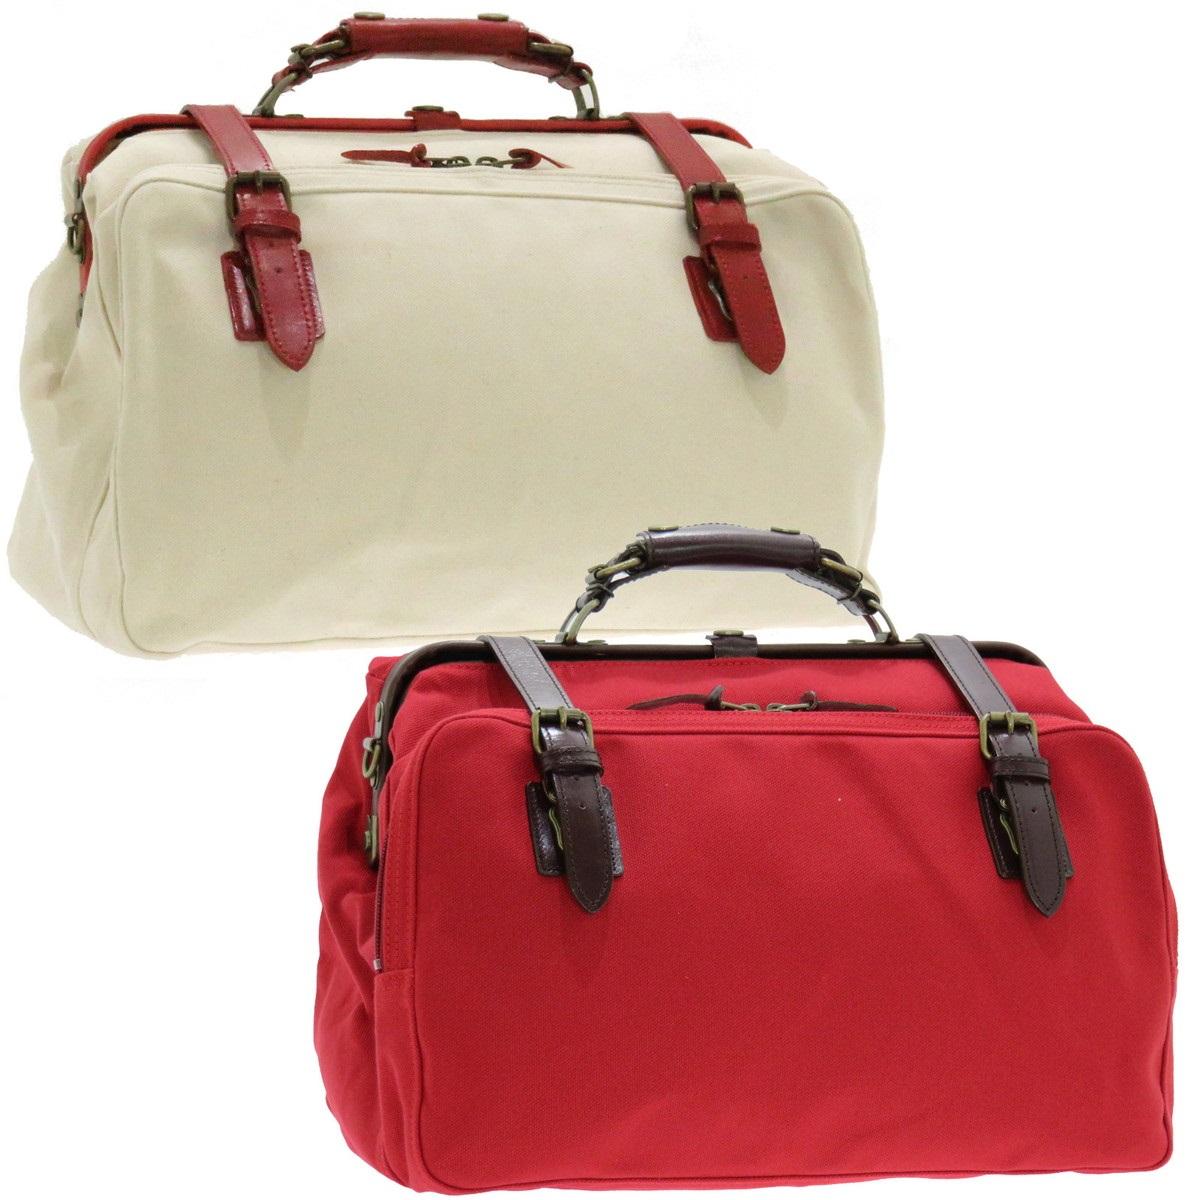 鞄 ポケット ボストン トラベル バッグ 旅行鞄 旅行 帆布OPダレスボストンバッグ小 トラベルボストンバッグ レッド 日本製 japan